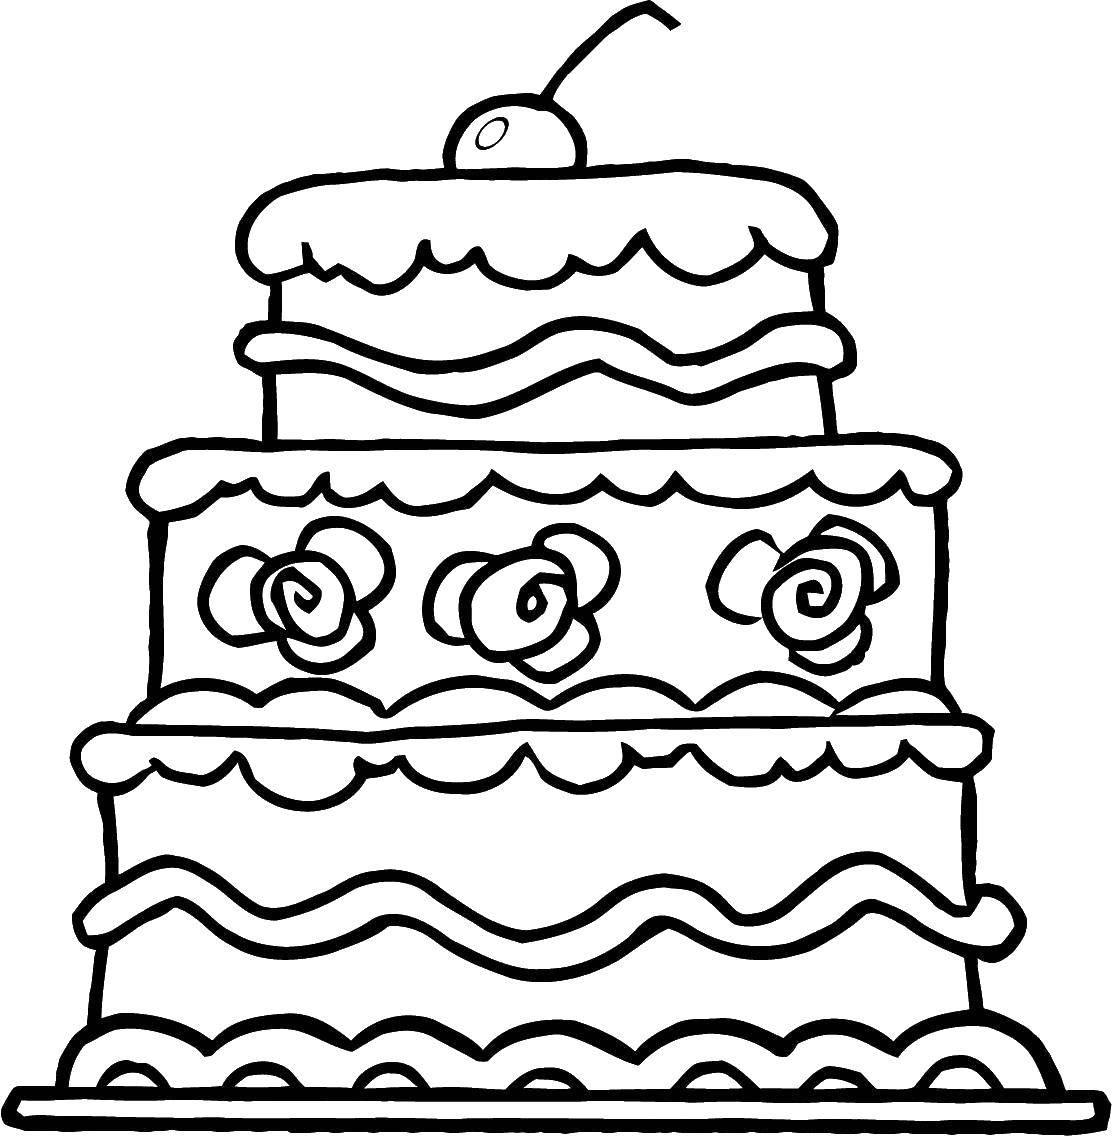 Раскраска Торт с вишенкой Скачать торт, тарелка, вишня.  Распечатать ,торты,